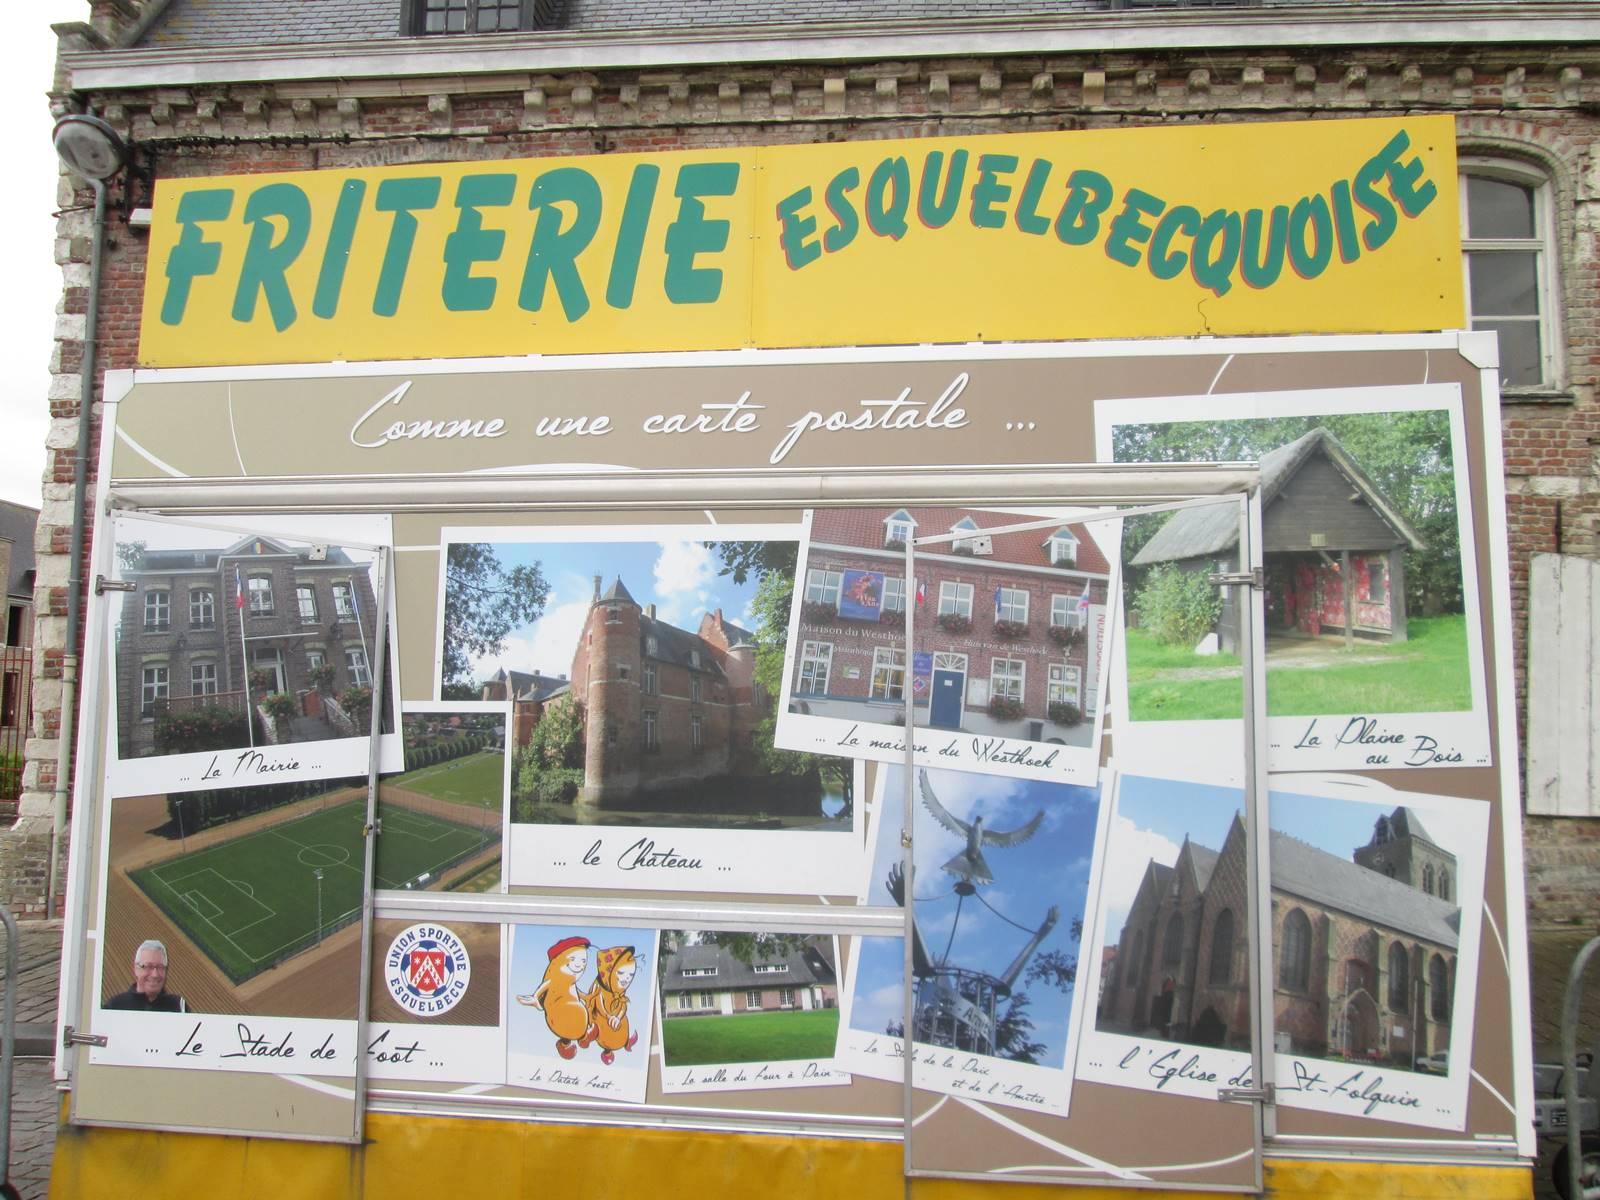 Friterie Esquelbecquoise (1).JPG